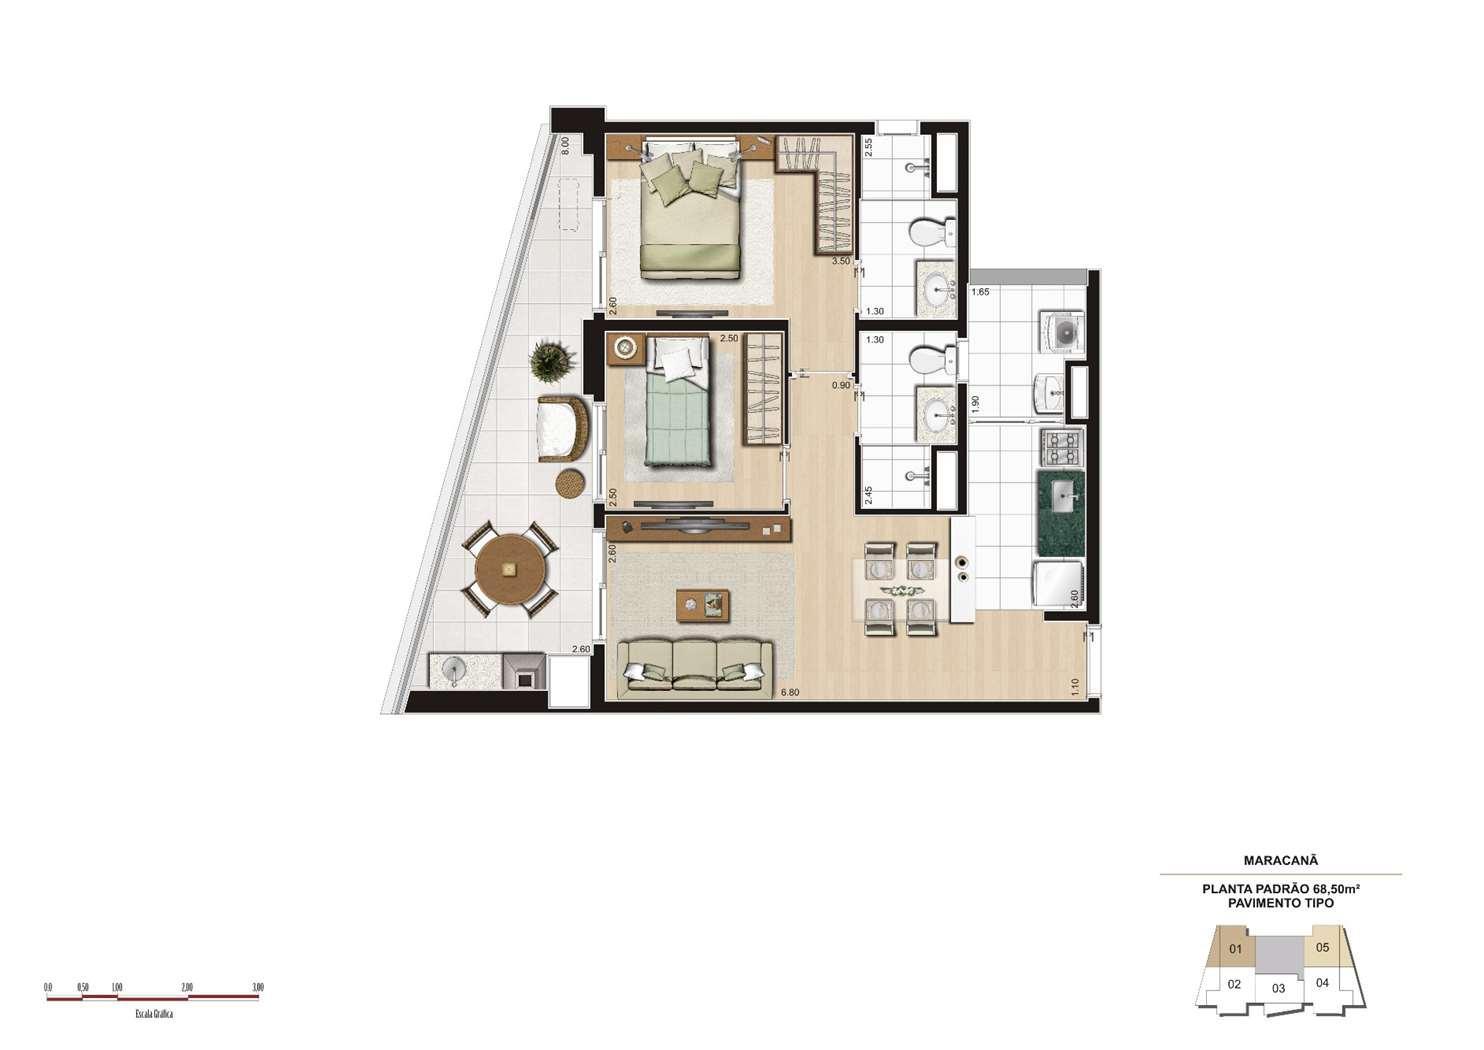 Planta tipo 68m² - Finais 1 e 5 | Cyrela 2014 The Year Edition – Apartamentono  Alto da Lapa - São Paulo - São Paulo